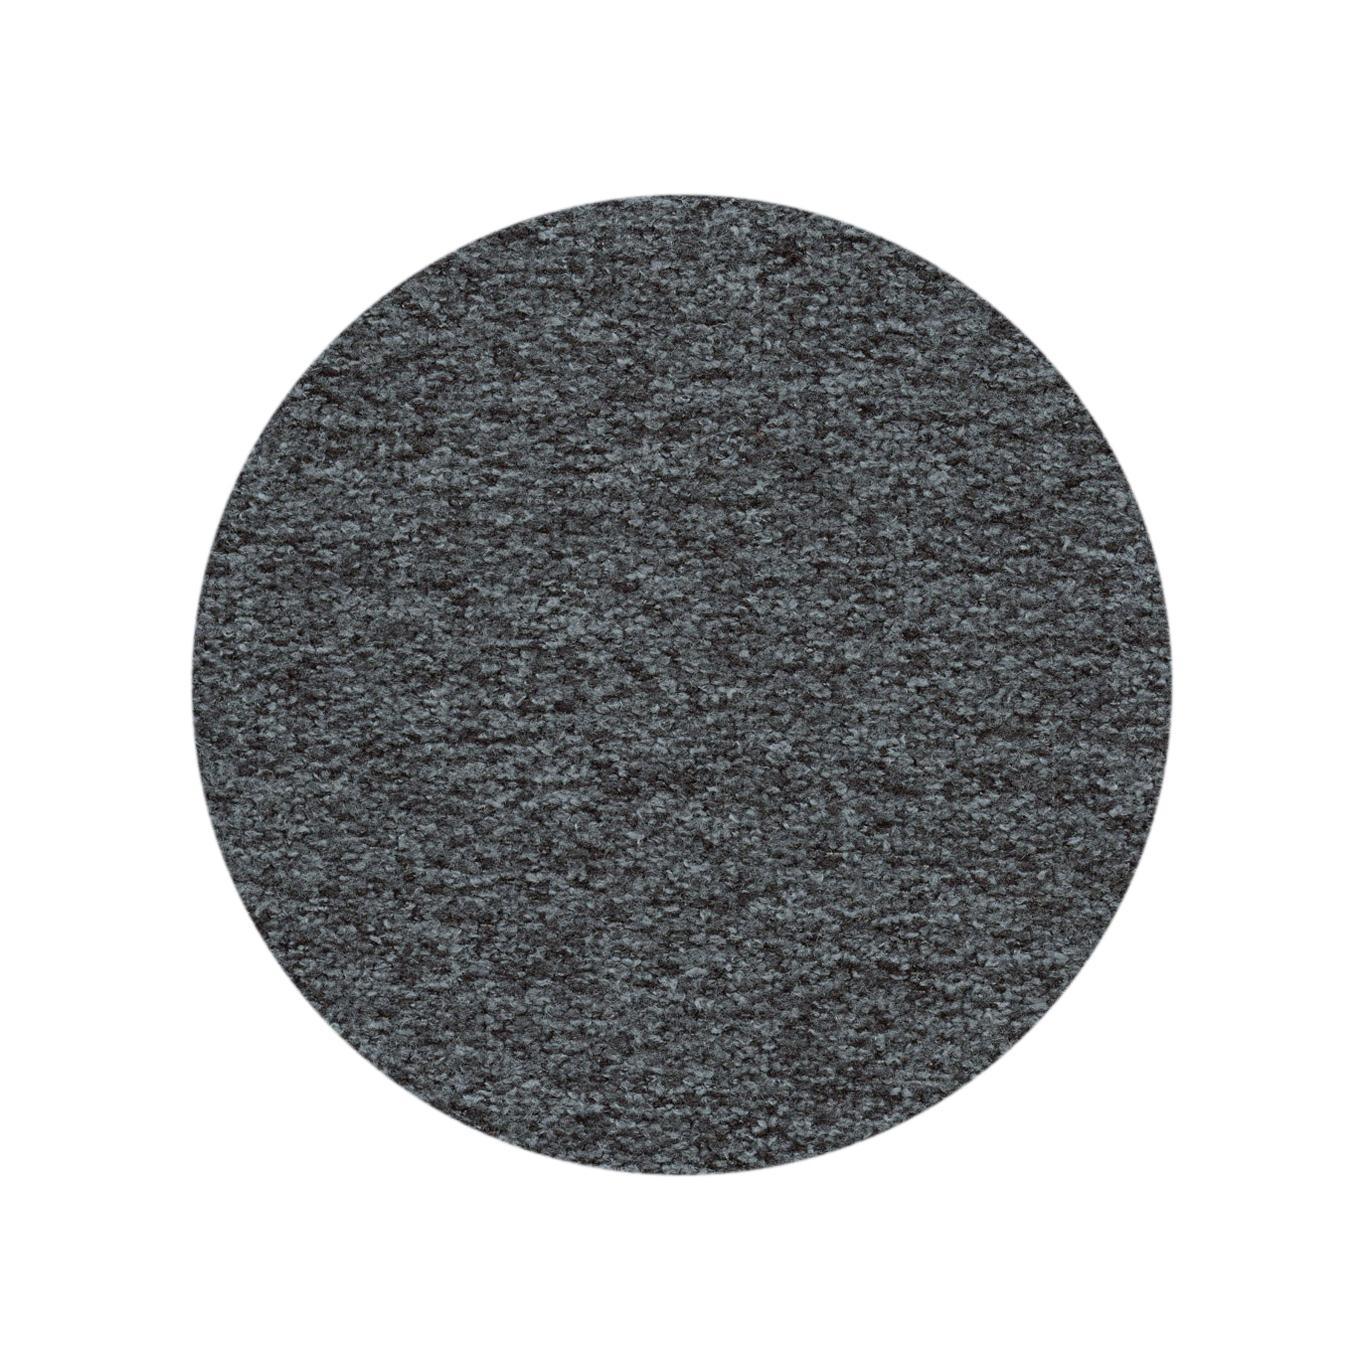 Marled Microfiber - Granite